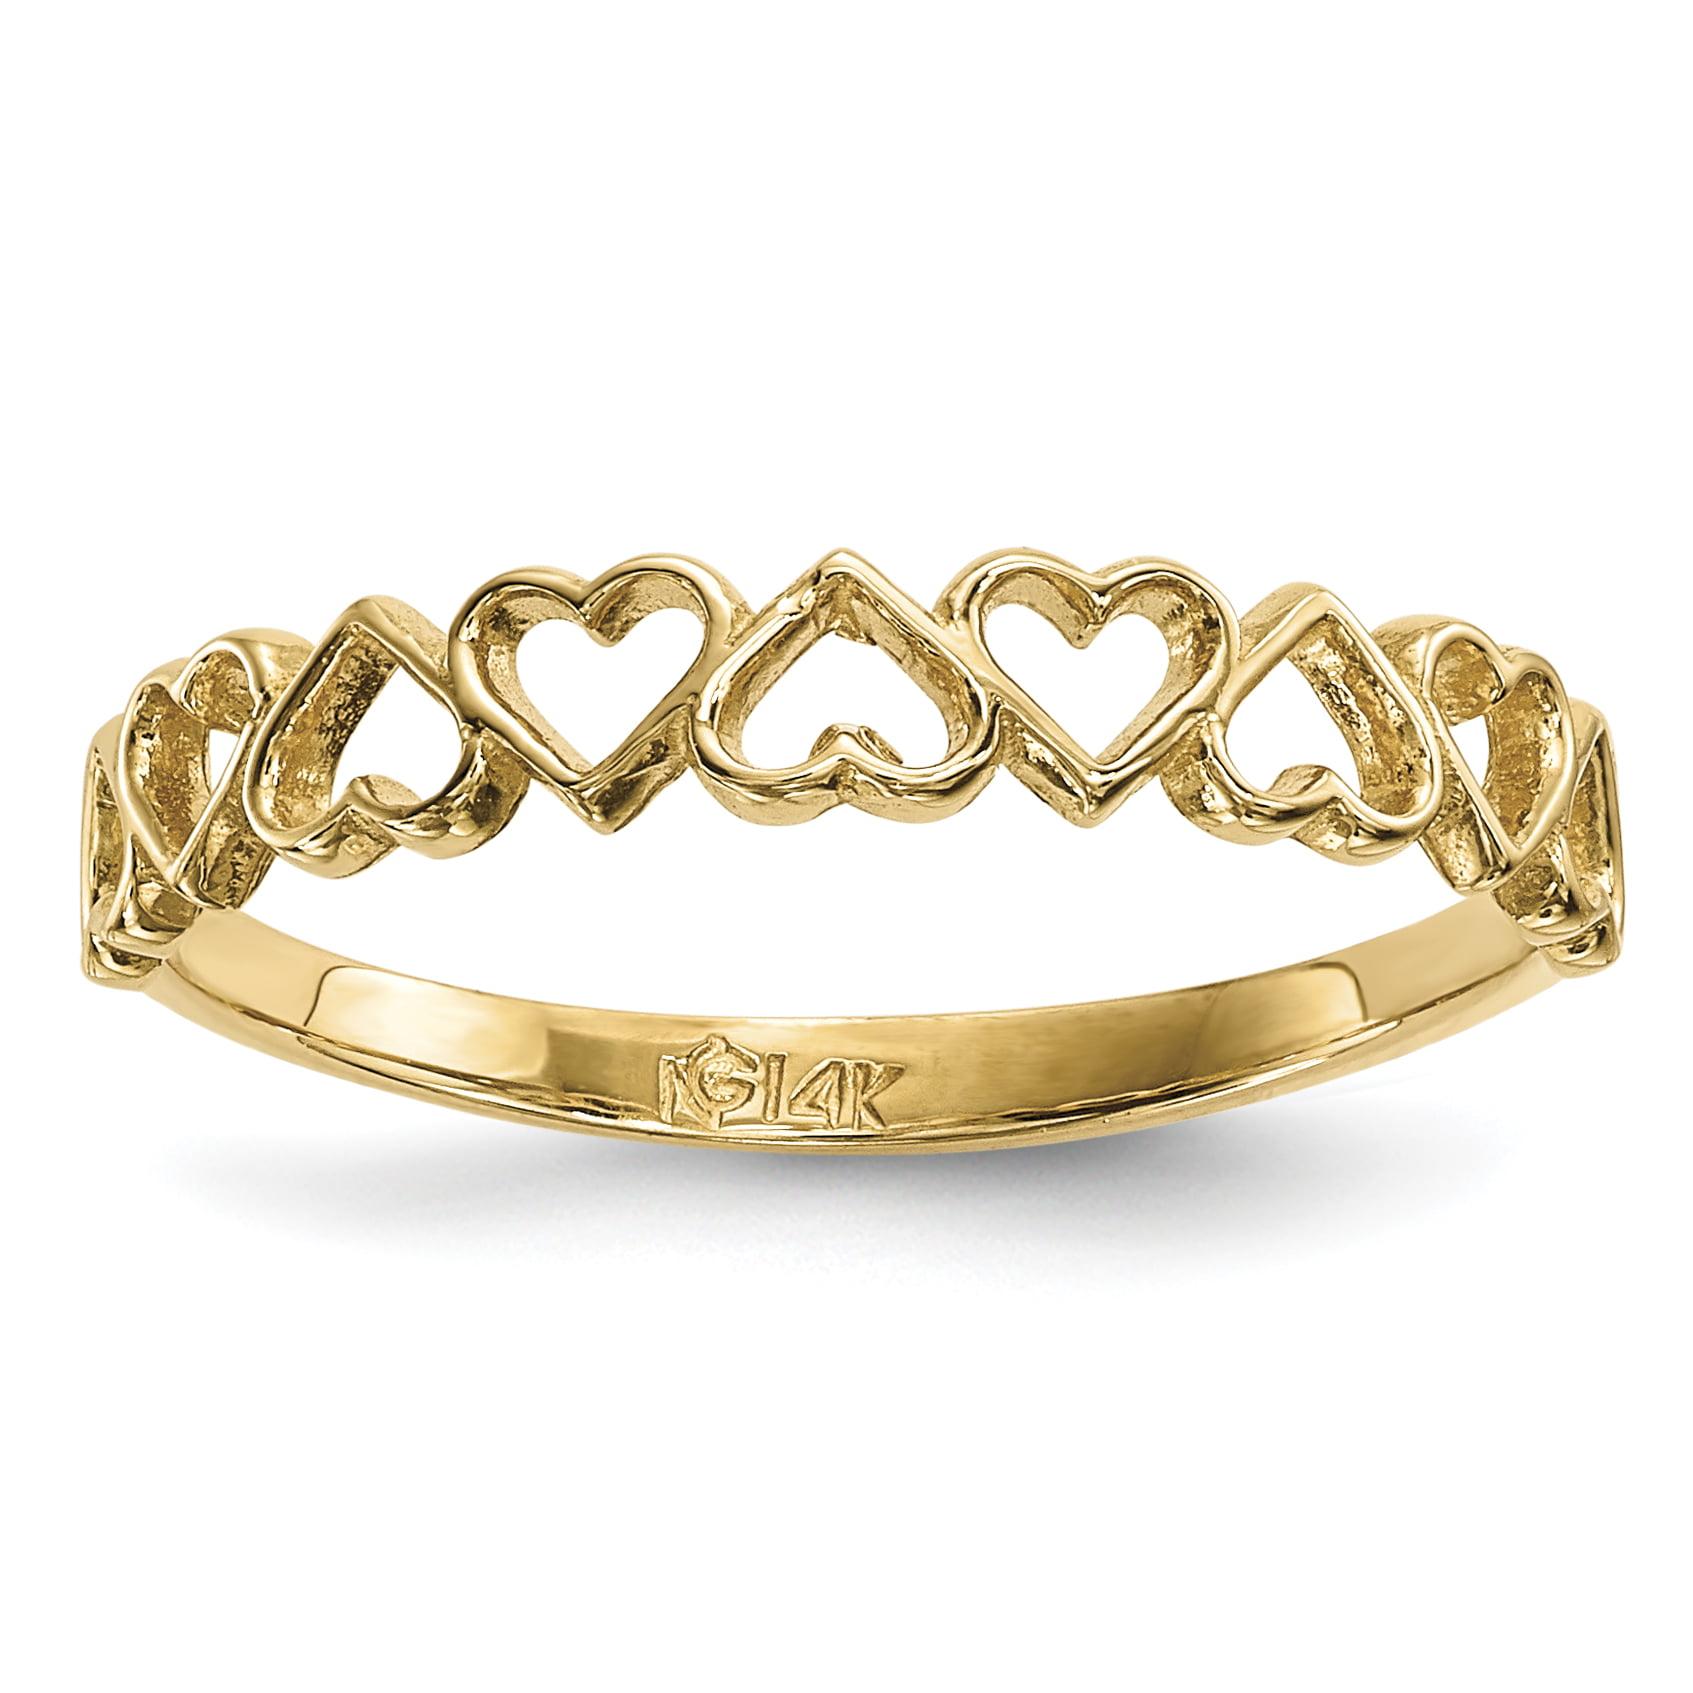 Mia Diamonds 14k White Gold 6.3mm Polished Casted Hinged Bangle Bracelet Bracelet